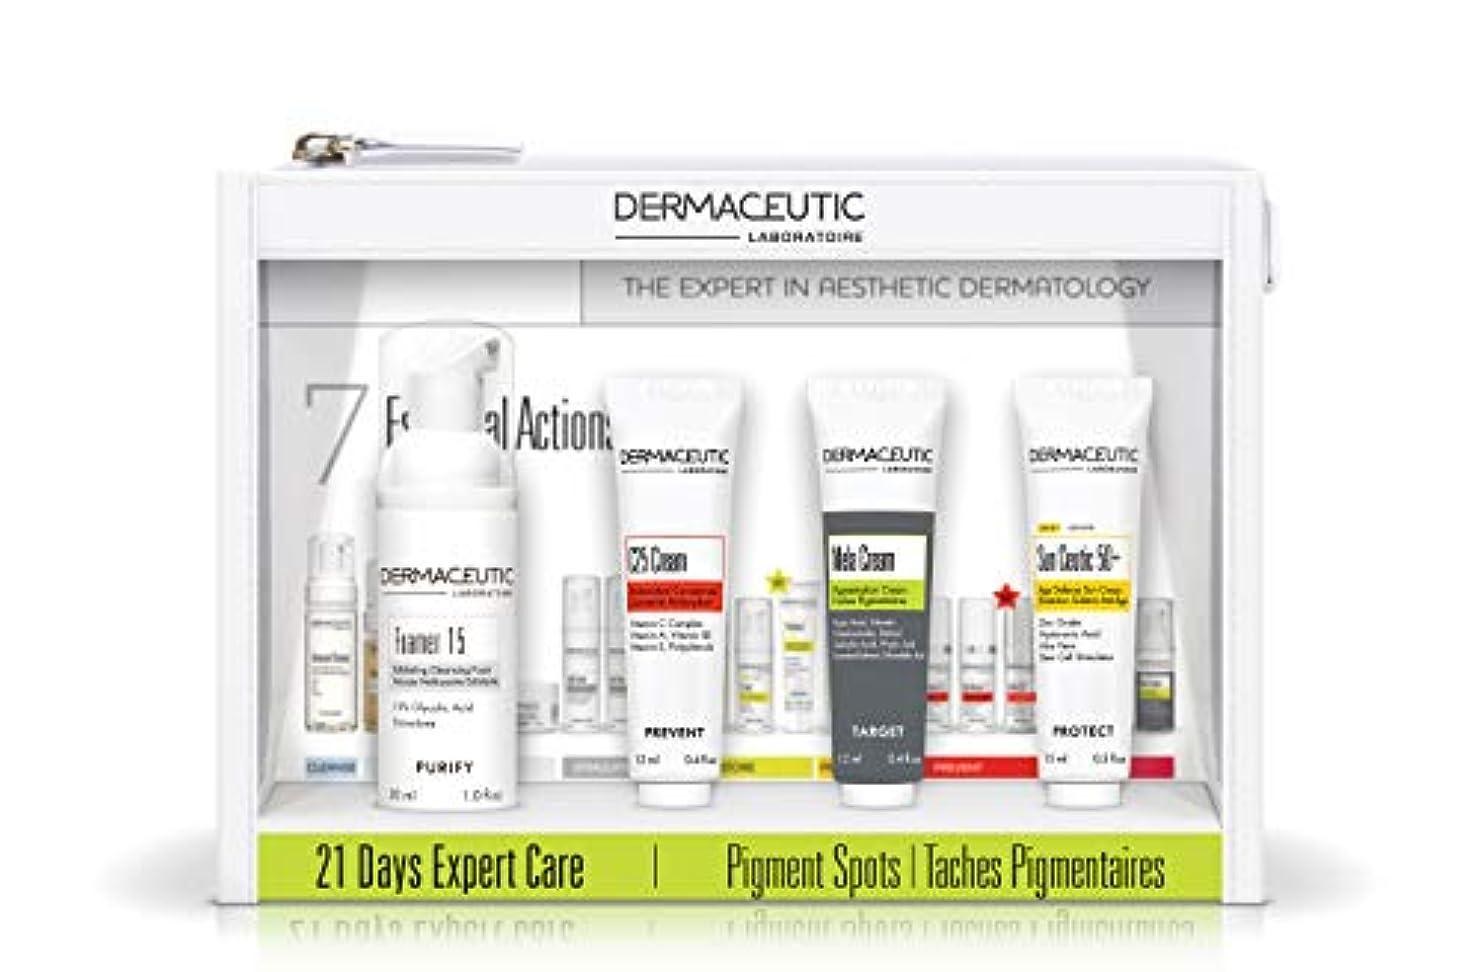 スリム食べるコンパイルダーマシューティック 21デイエキスパートケアキット?ピグメントスポット[ヤマト便](Dermaceutic) 21 Days Expert Care Kit Pigment Spots